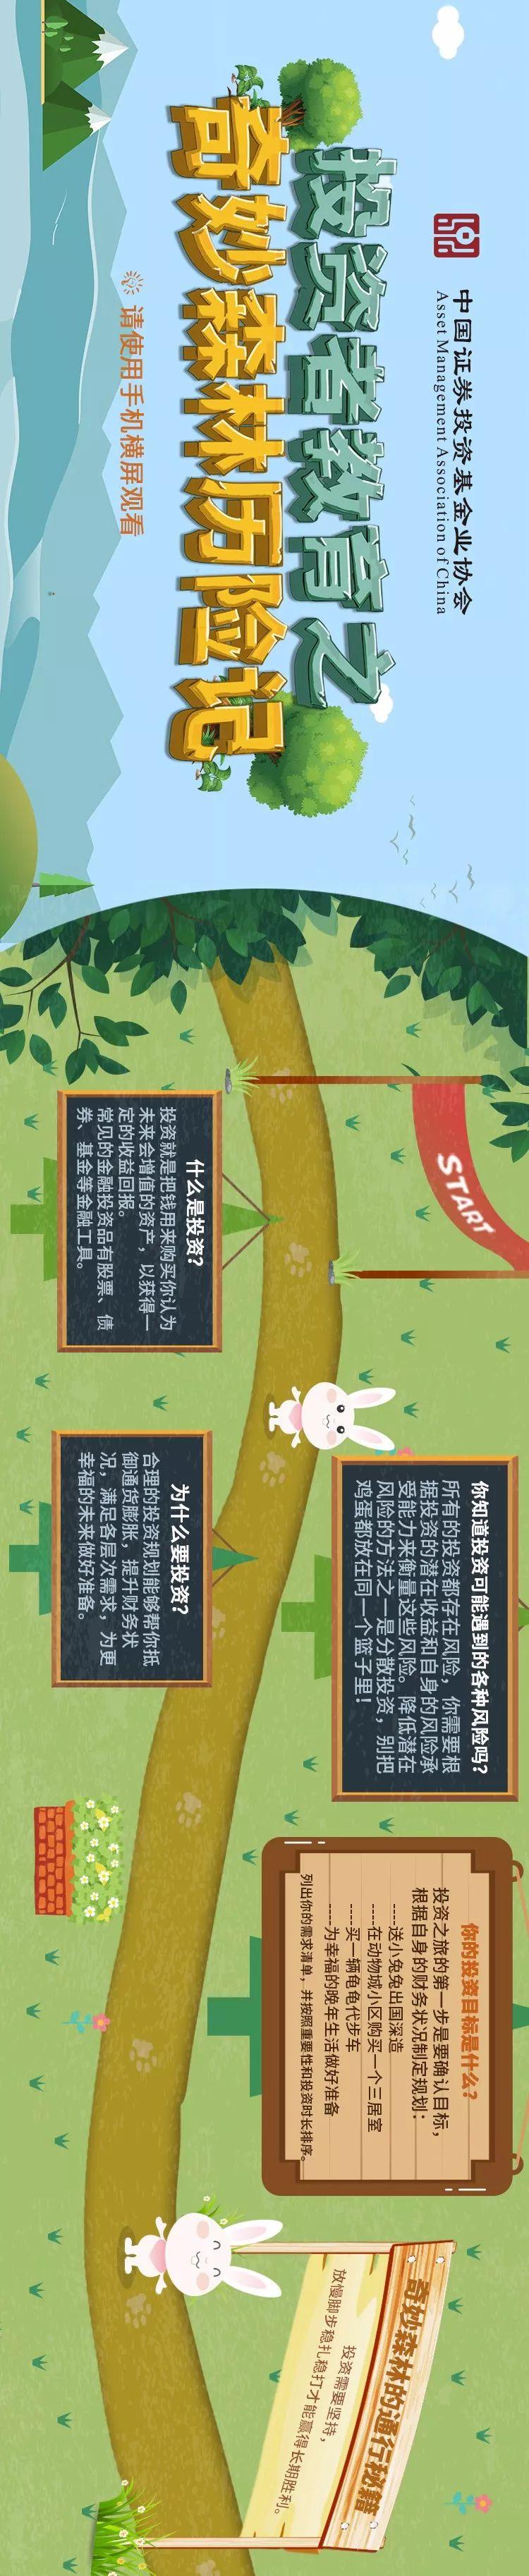 投资者教育之奇妙森林历险记.jpg